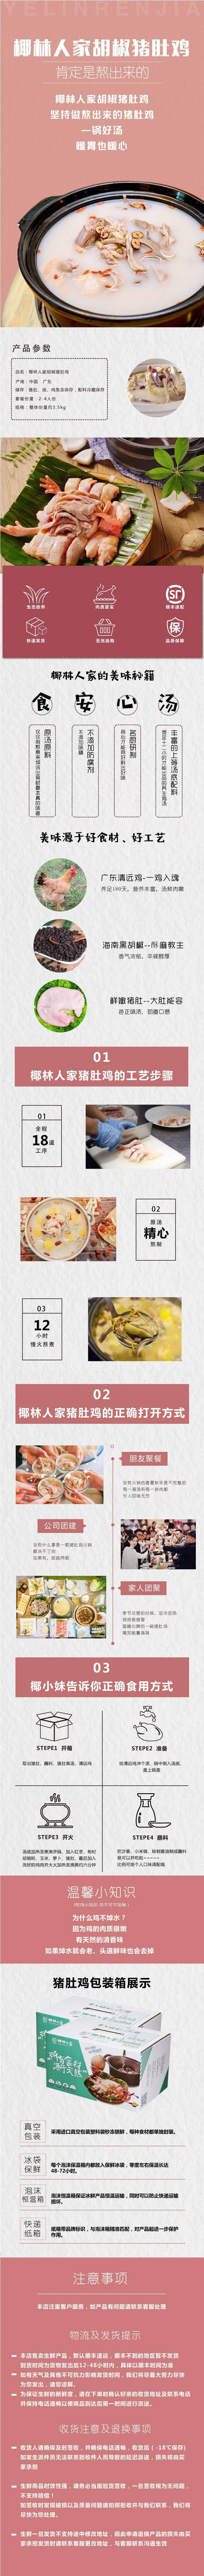 【深圳专享-顺丰包邮 】只需178元,就能带走原价338元的椰林人家胡椒猪肚鸡套餐!